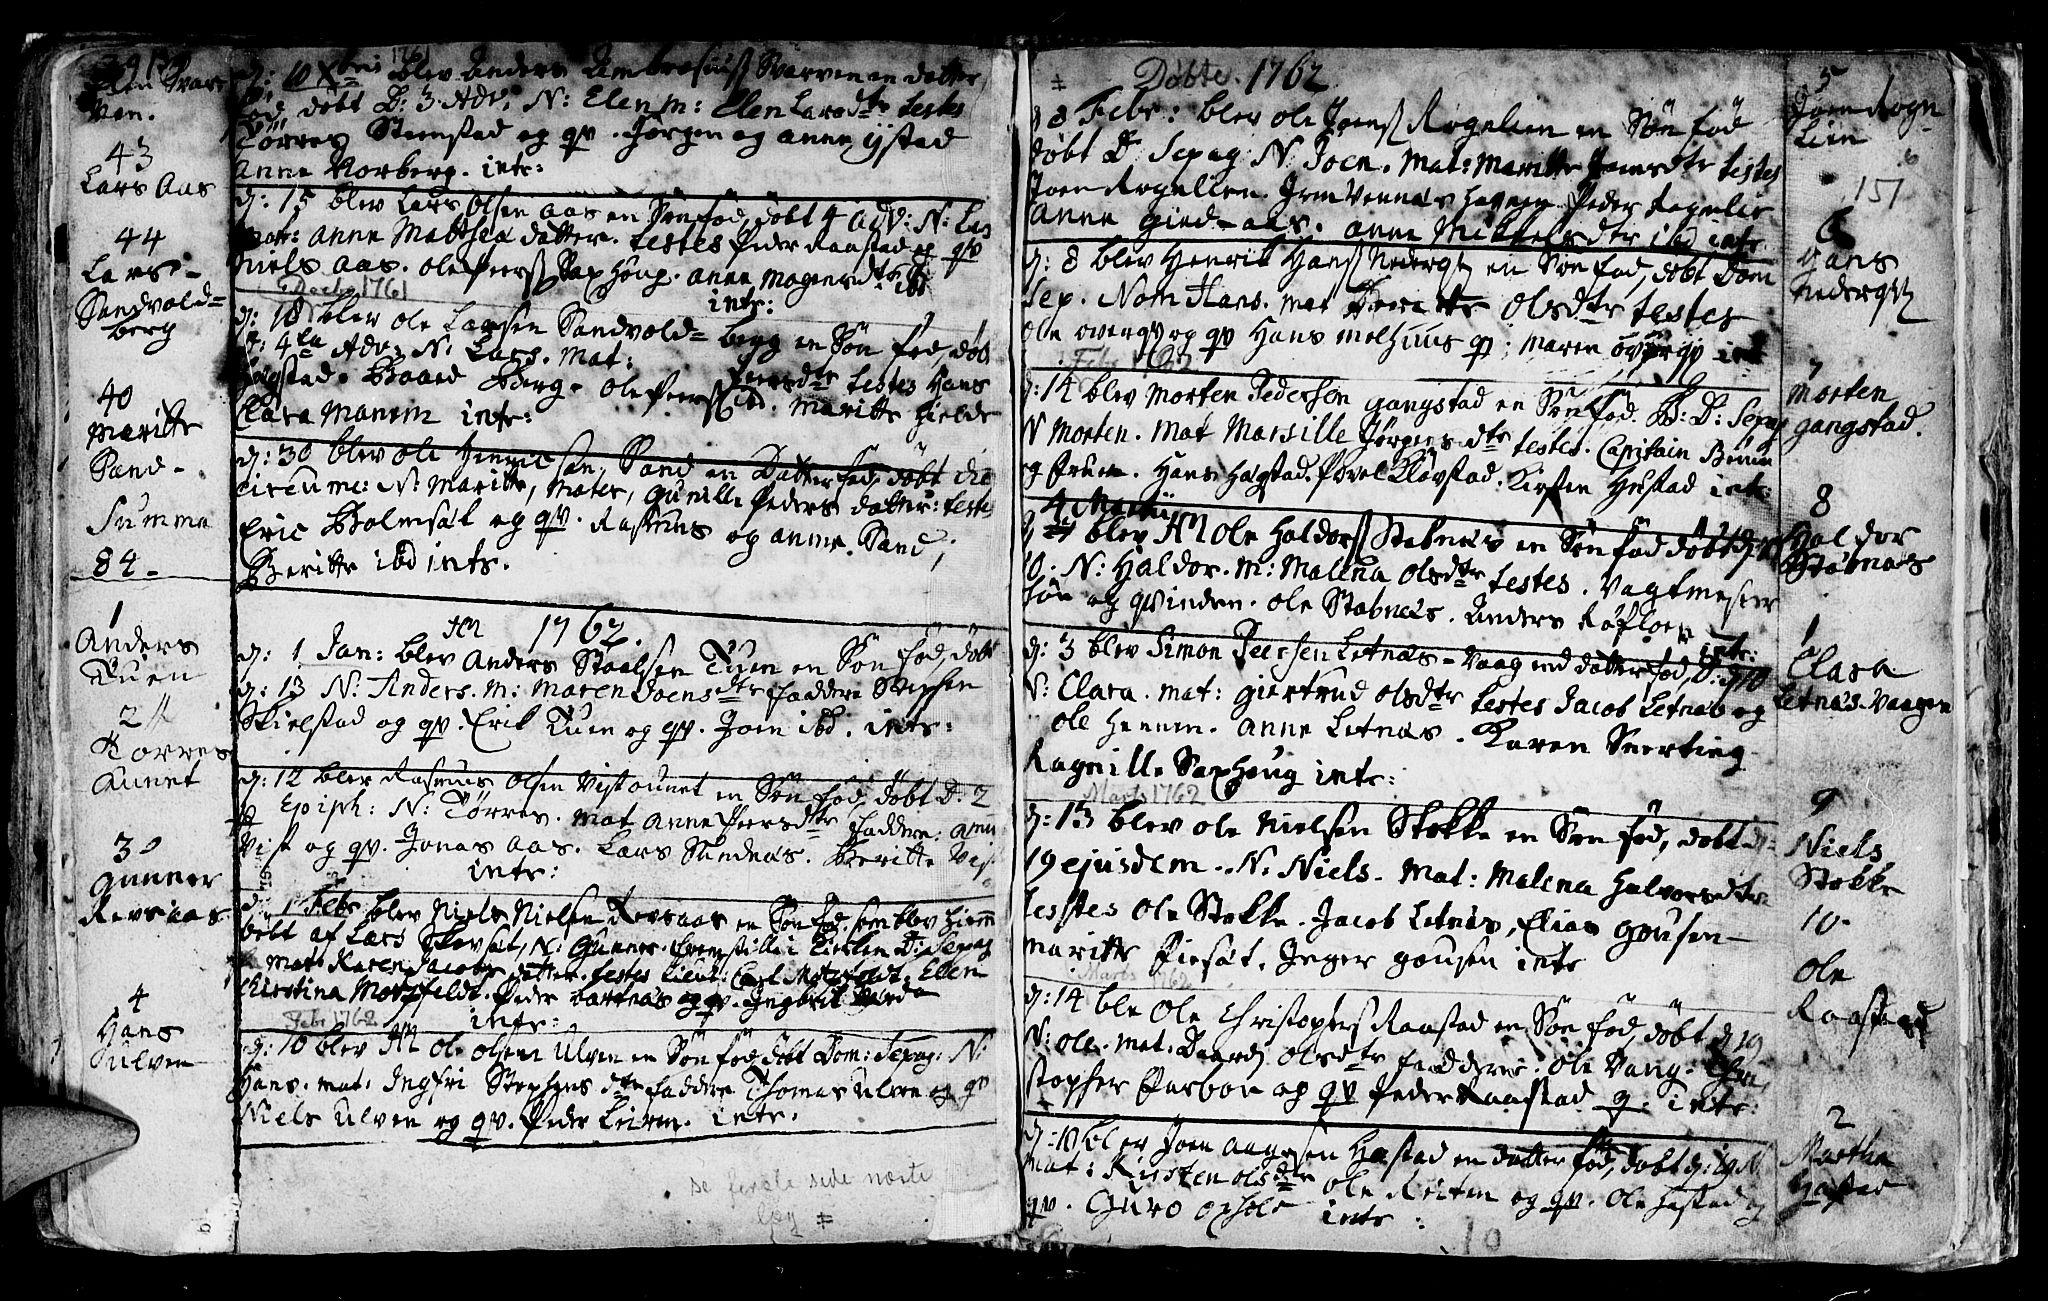 SAT, Ministerialprotokoller, klokkerbøker og fødselsregistre - Nord-Trøndelag, 730/L0272: Ministerialbok nr. 730A01, 1733-1764, s. 151